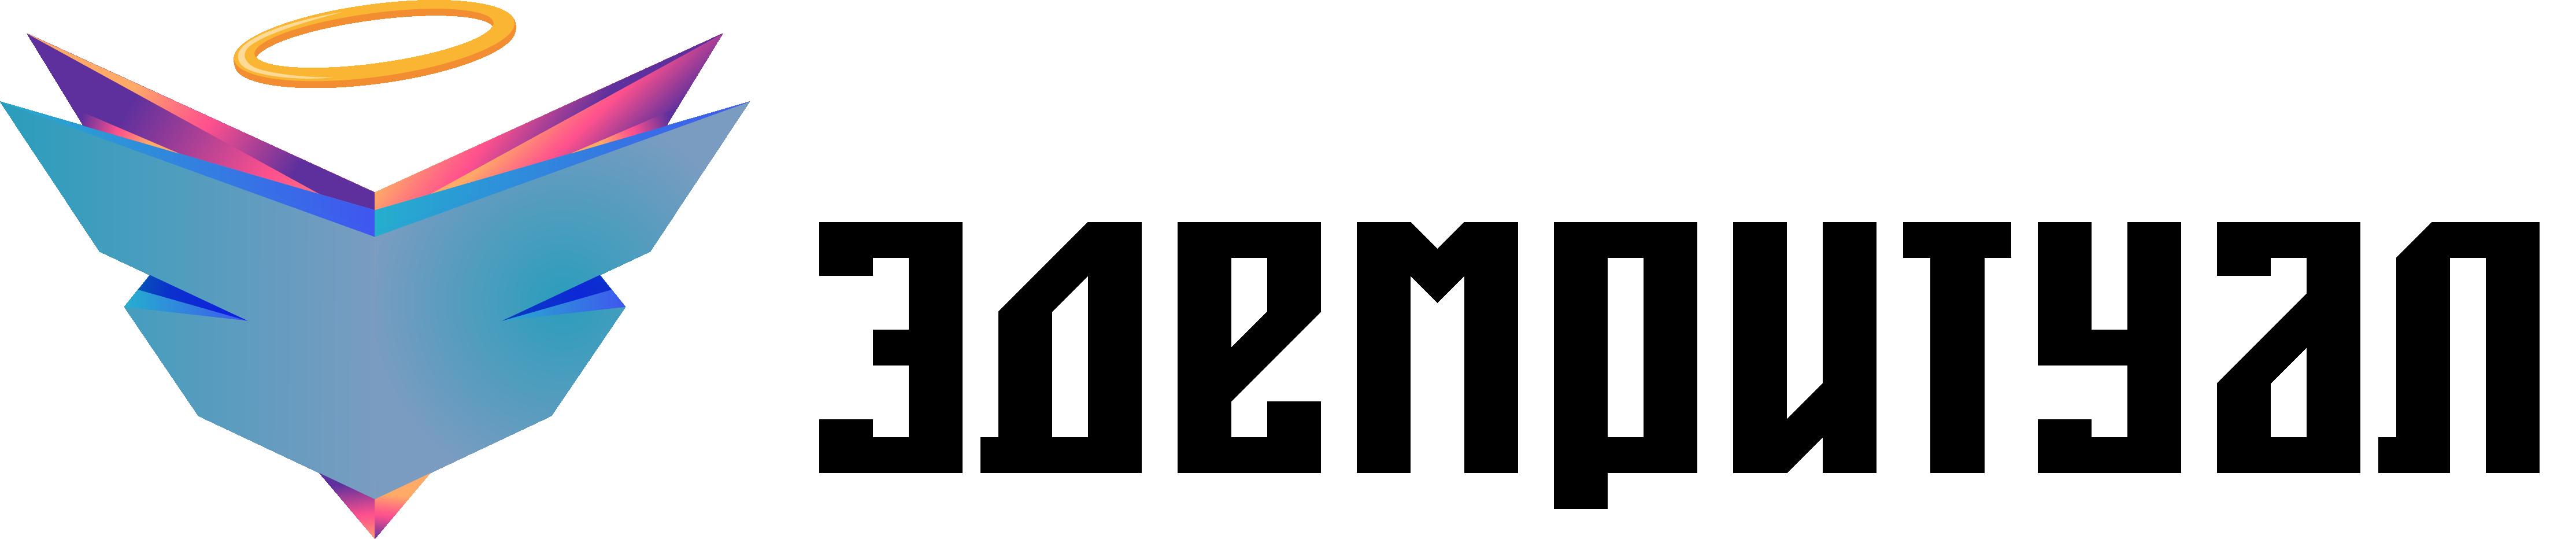 Эдемритуал Логотип ритуальные услуги Уфа, похоронное бюро,организация похорон